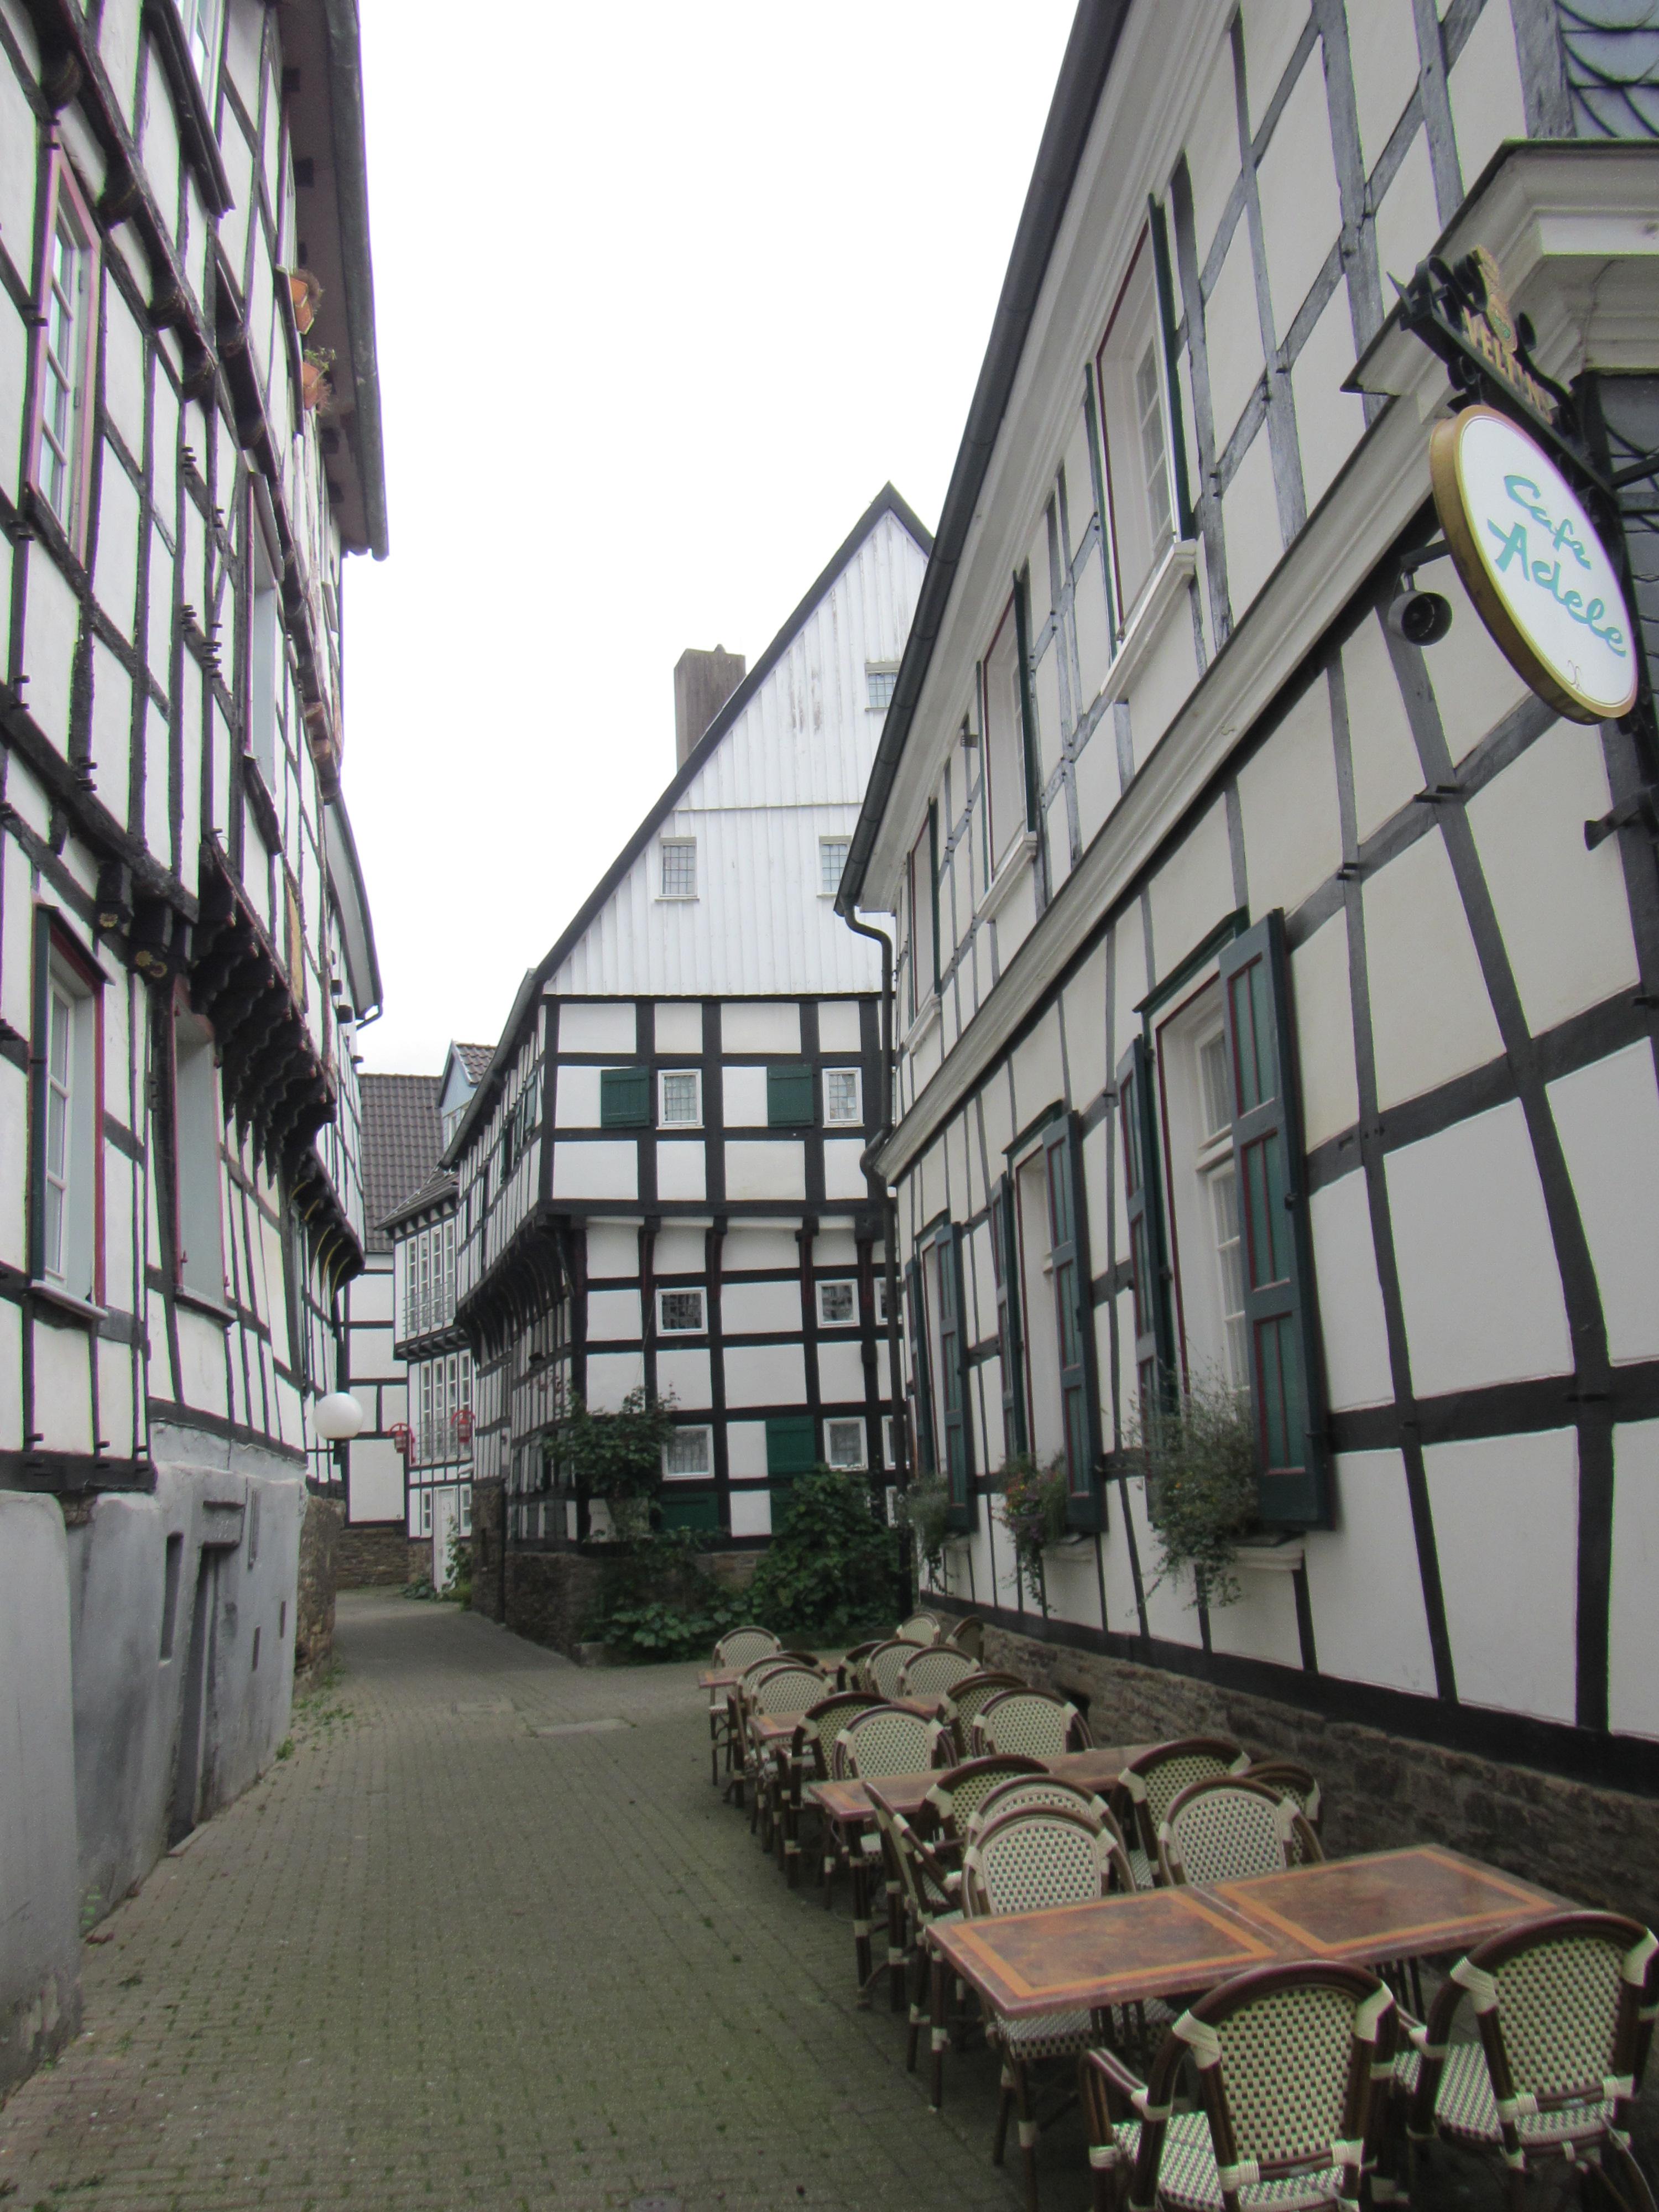 Steinhagen Cafe Konditorei